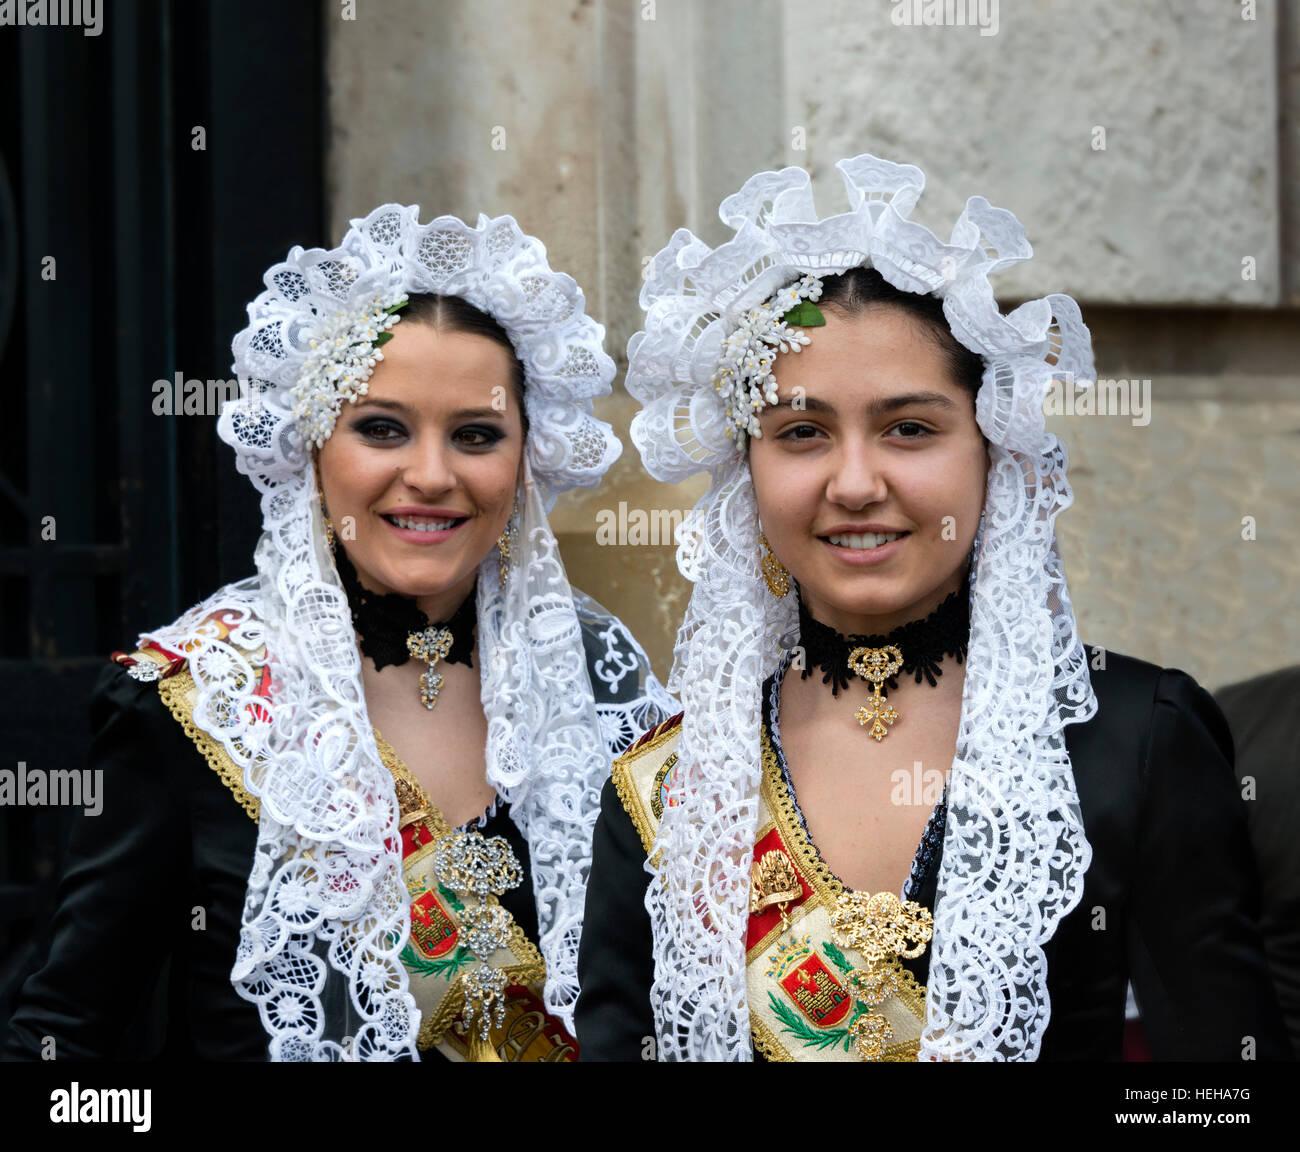 Las chicas españolas en traje tradicional incluyendo mantilla de encaje mantón o velo durante las fallas Imagen De Stock